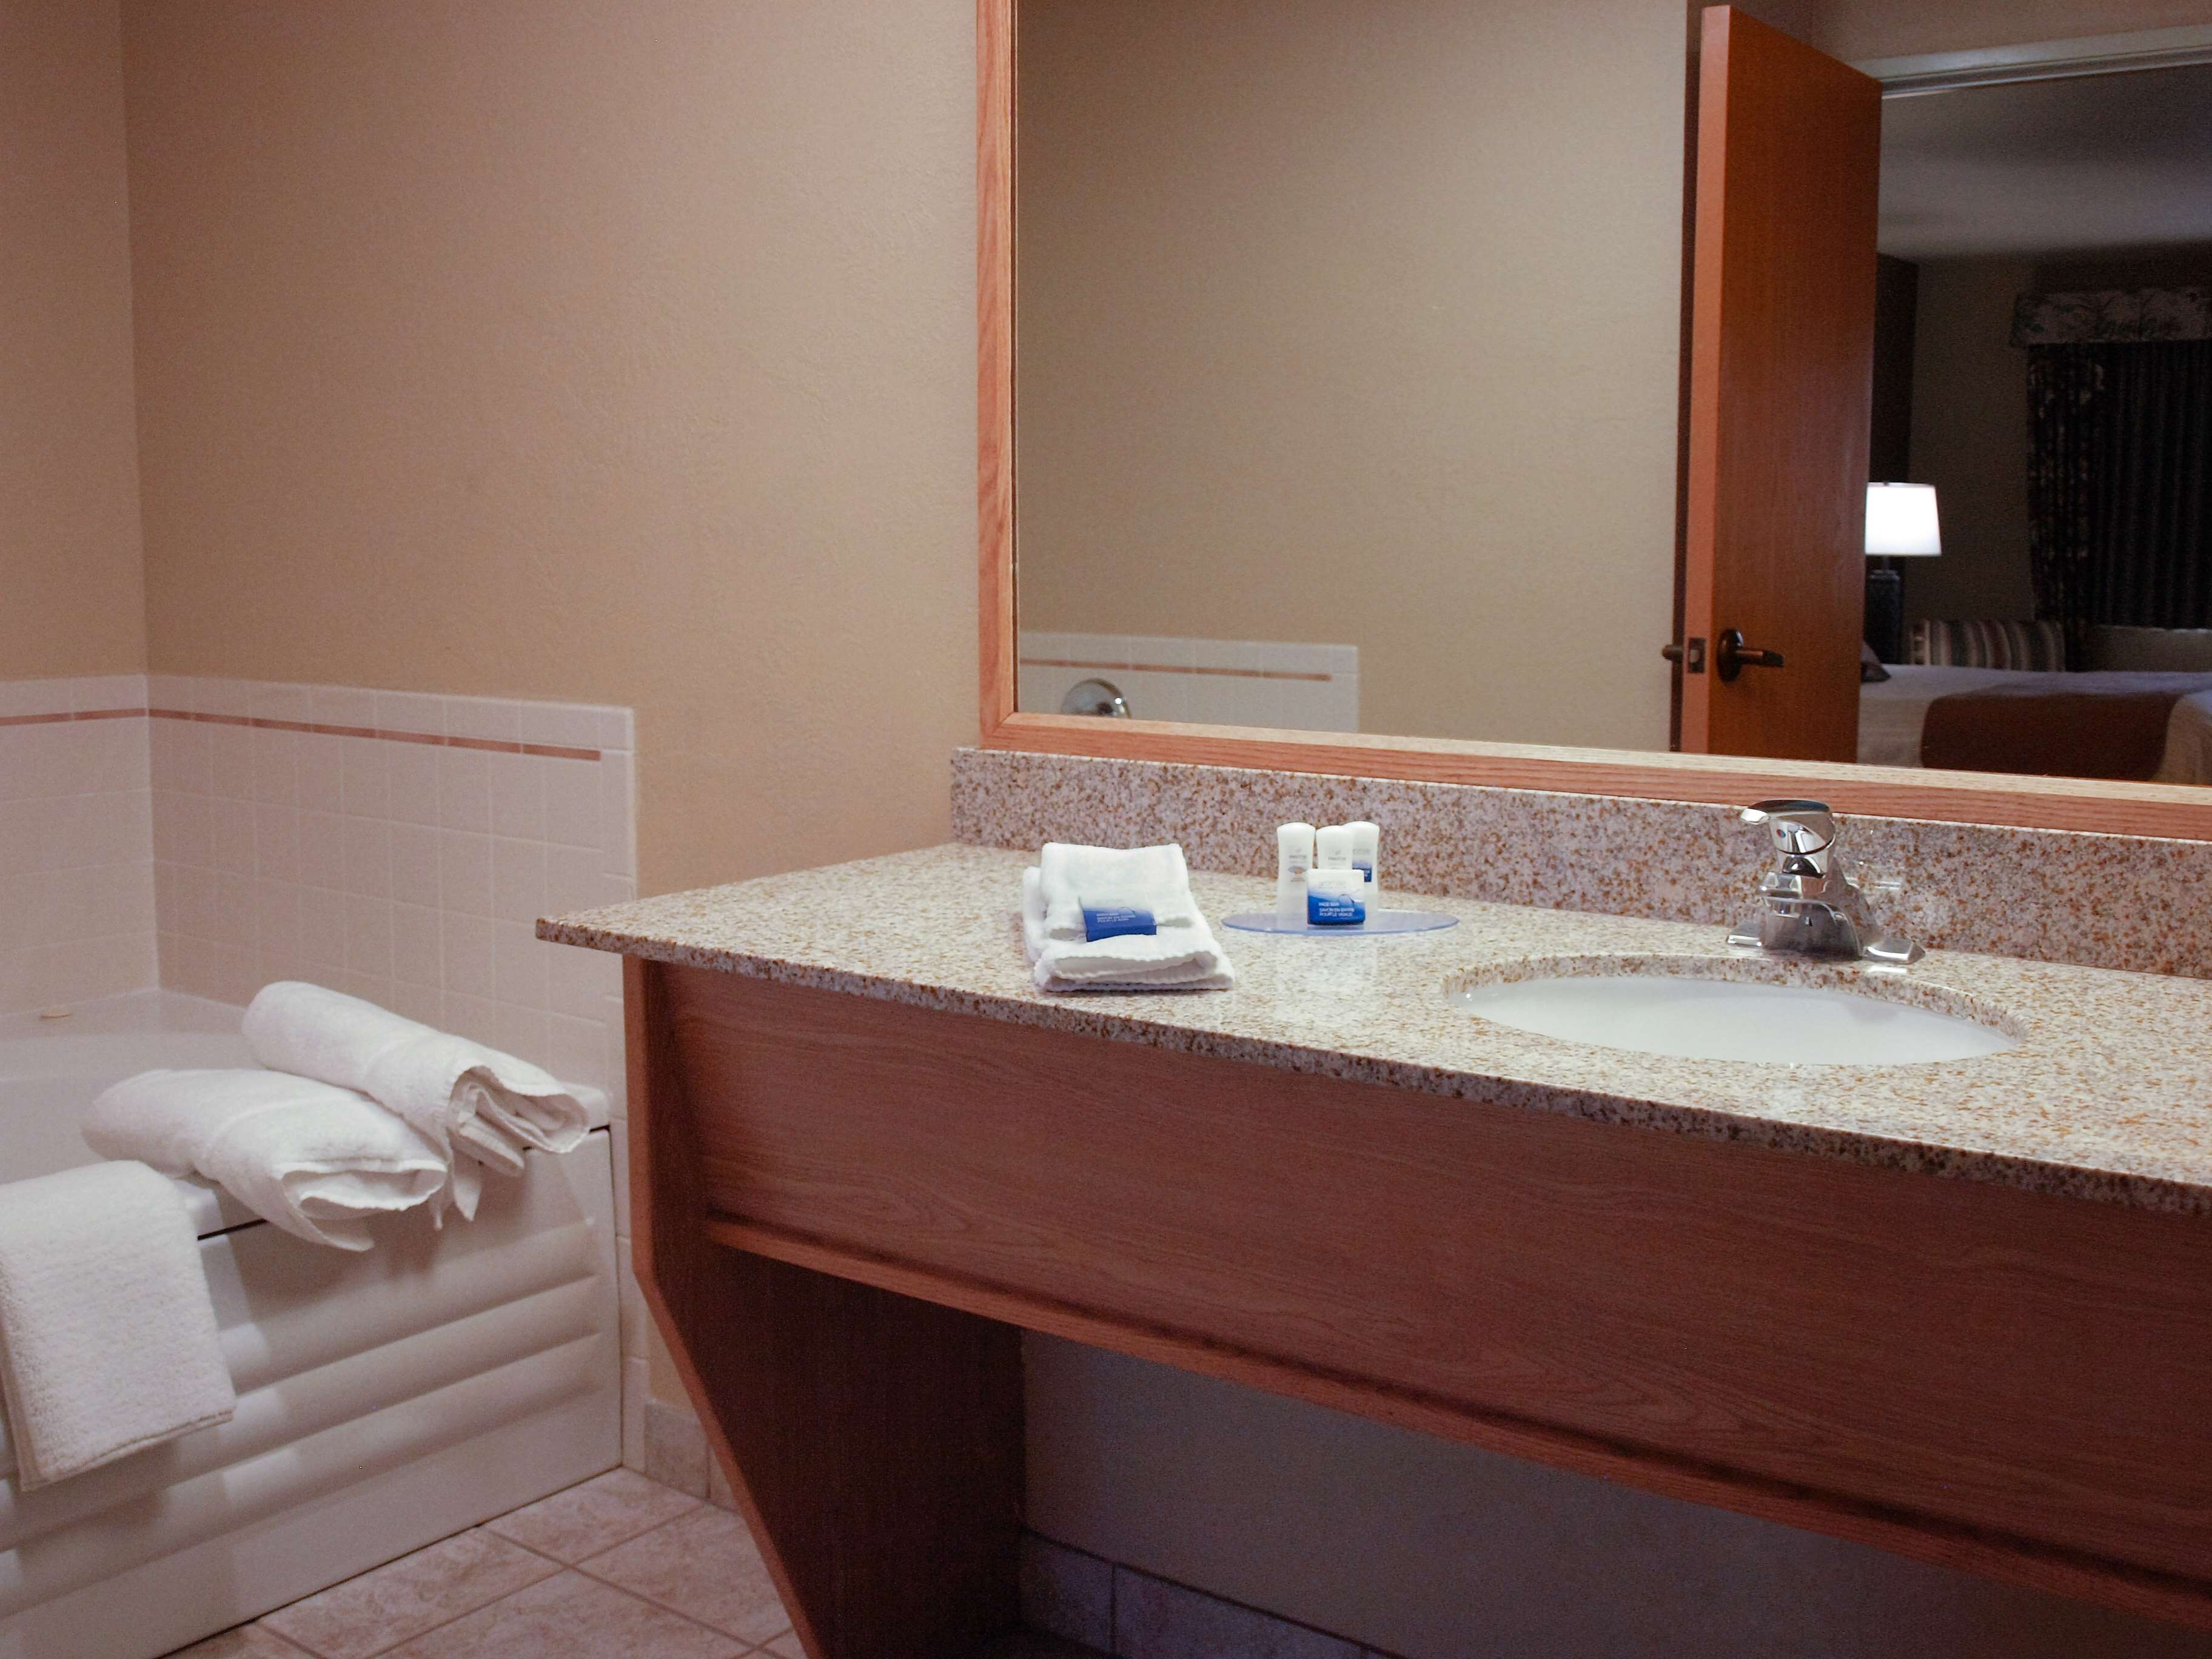 Best Western Plus Caldwell Inn & Suites image 33